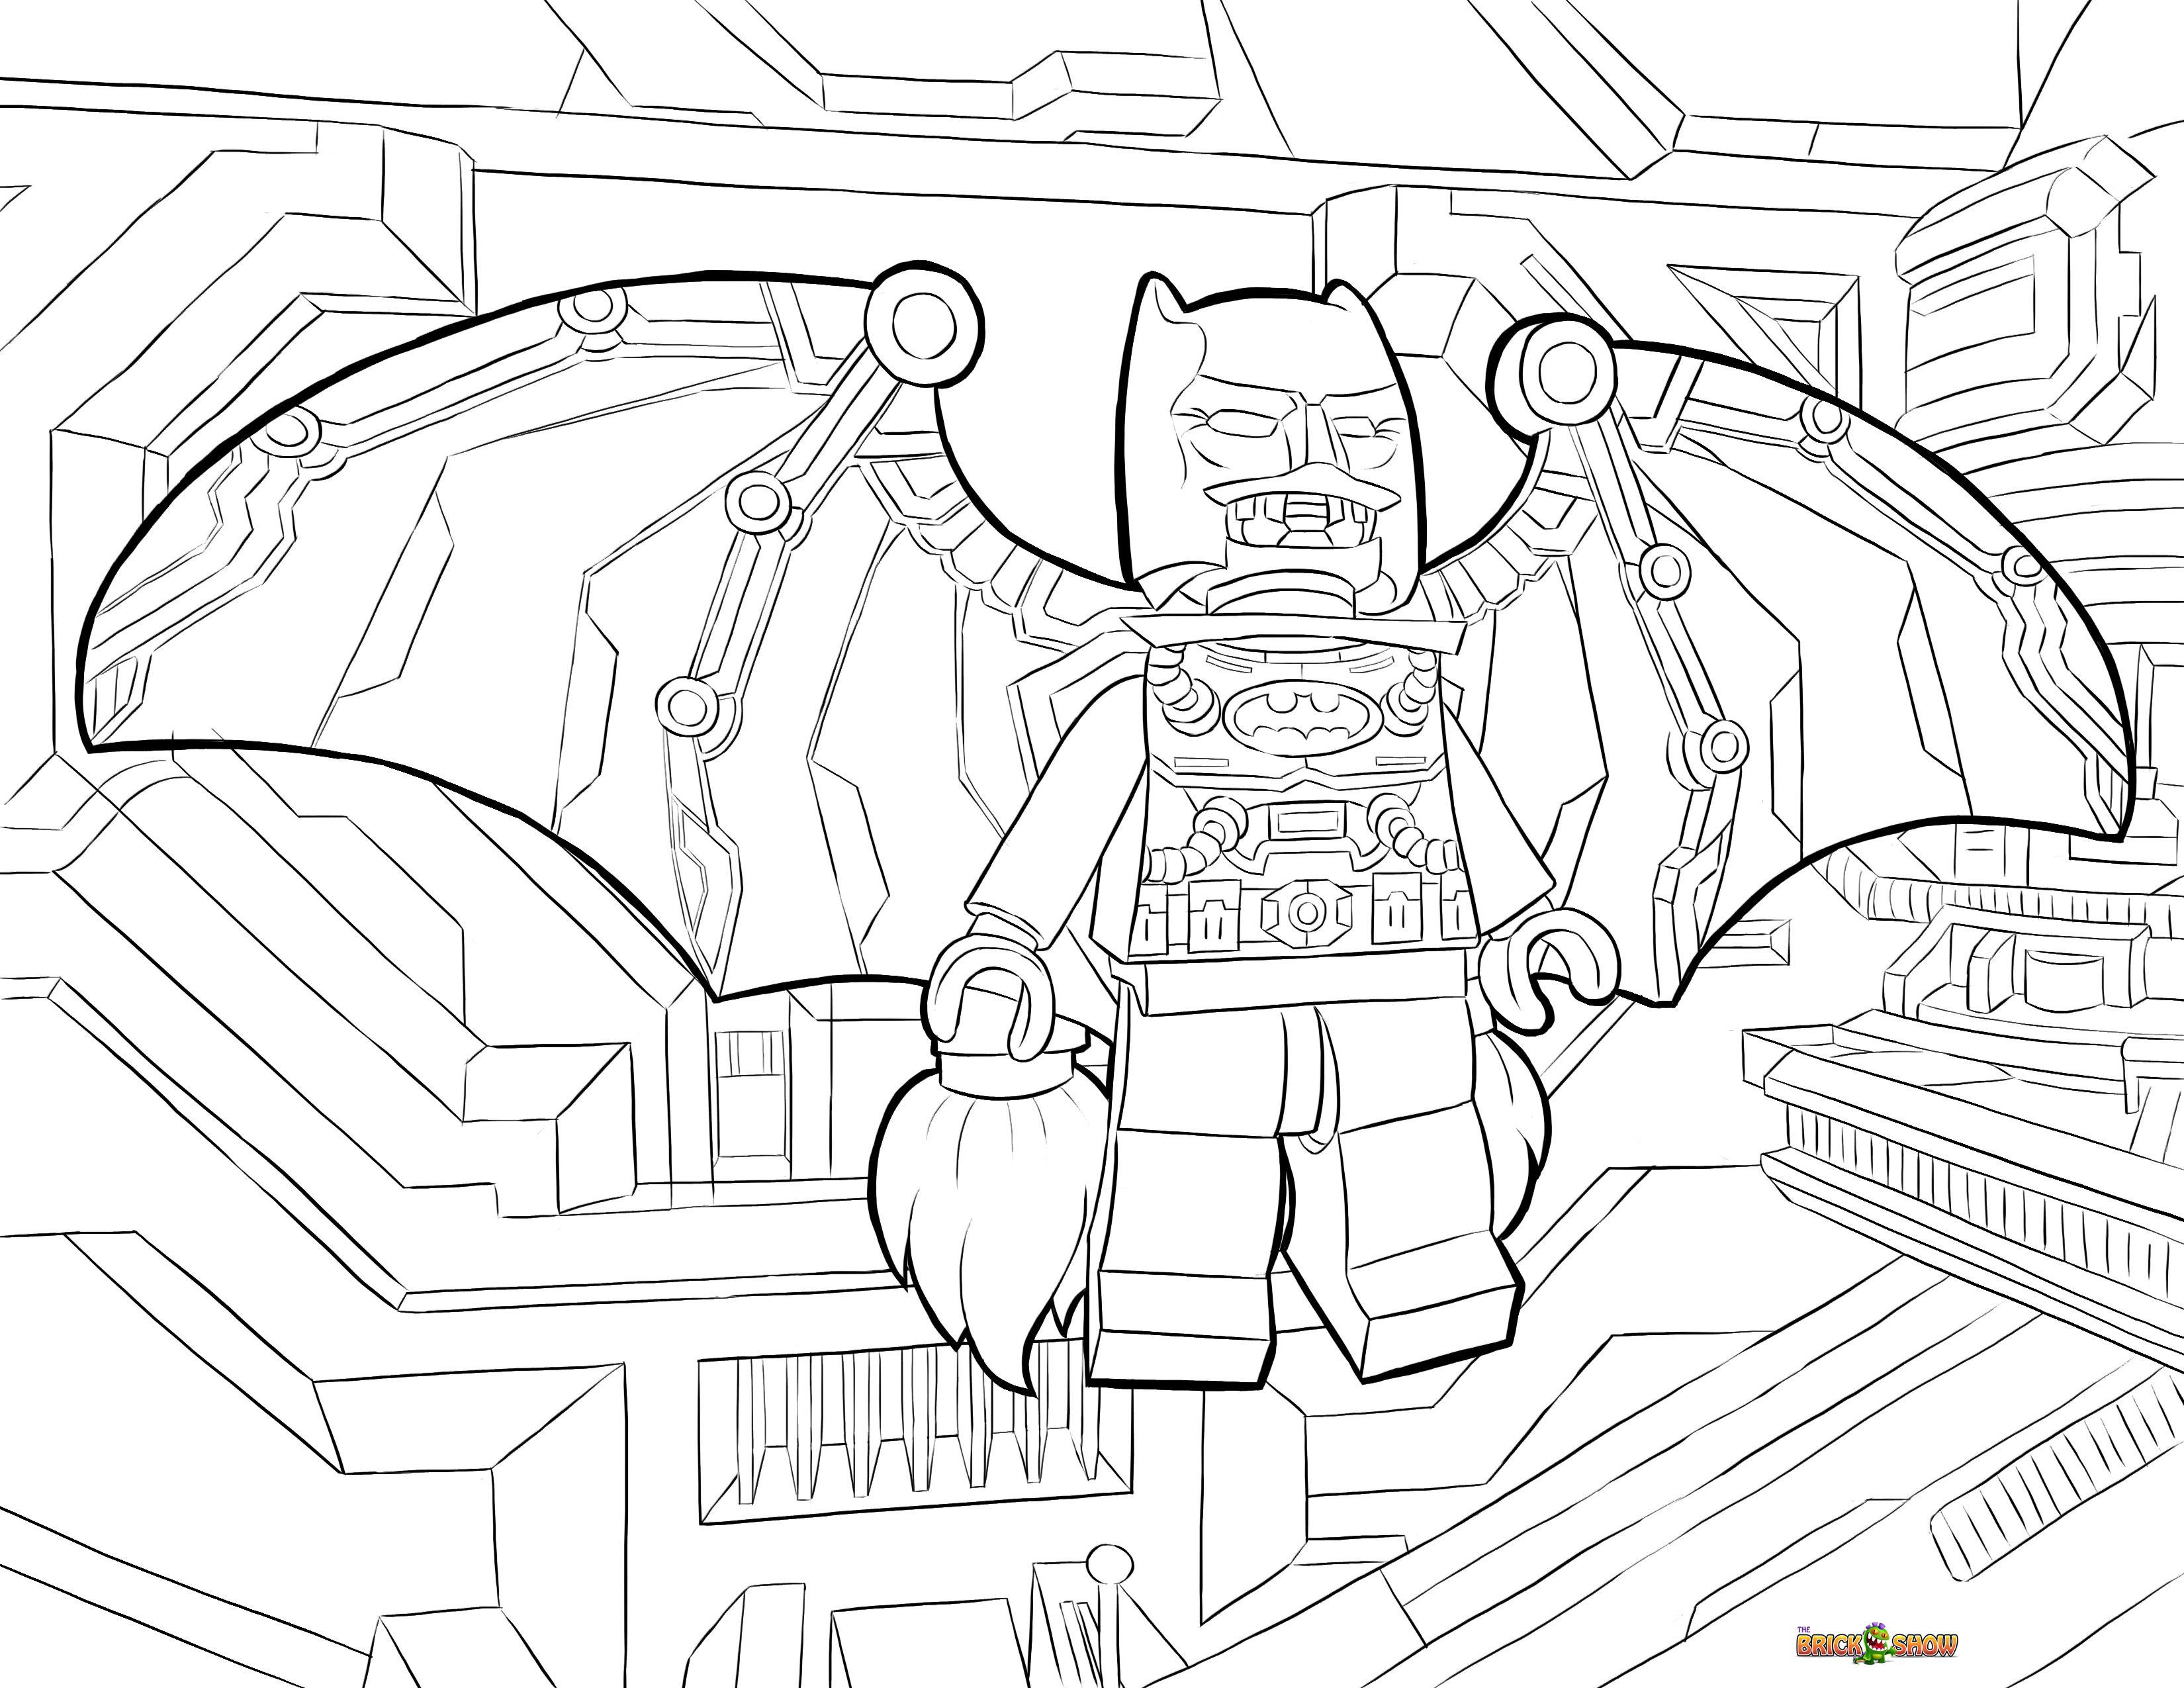 3300x2550 Lego Batman Space Suit Coloring Page, Printable Sheet